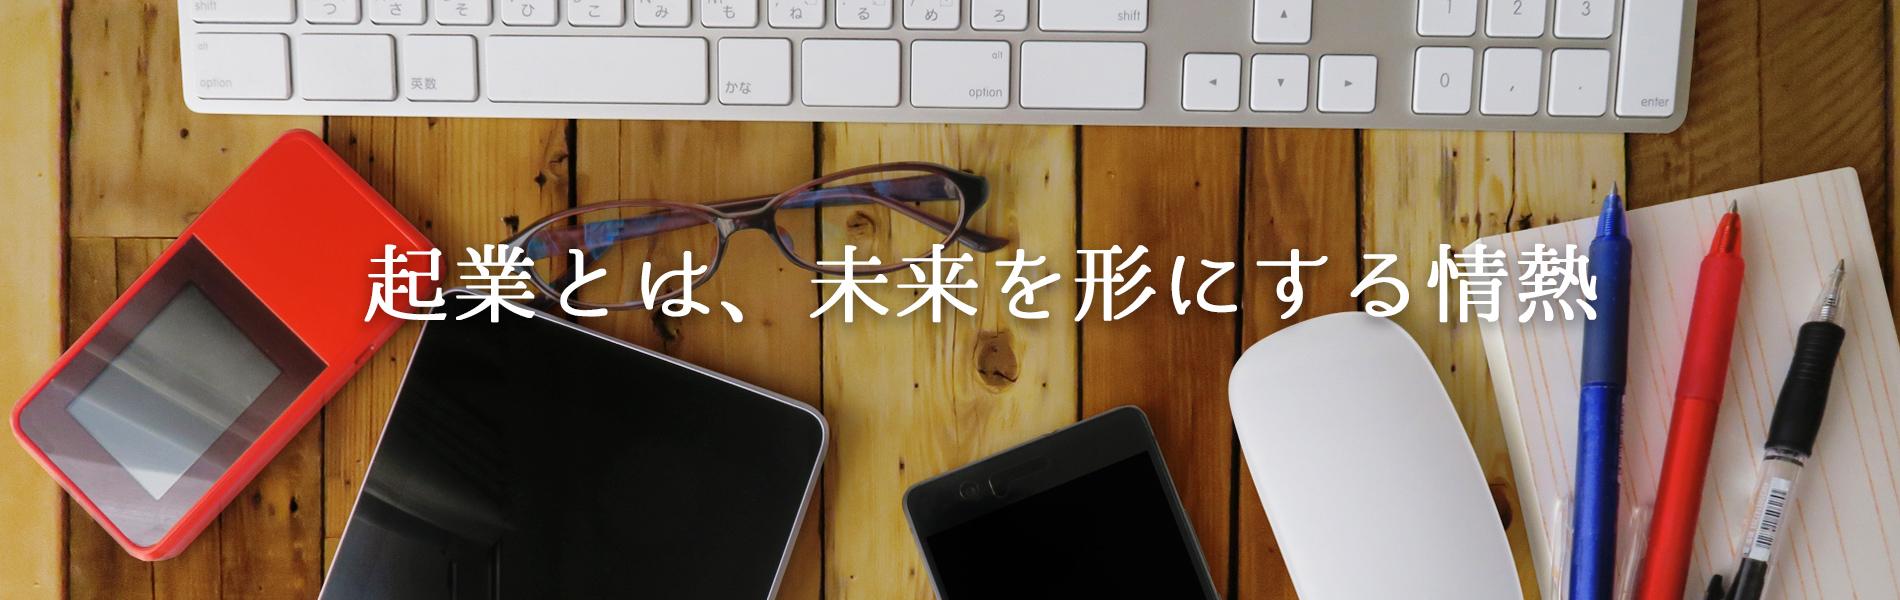 奈良・京都・大阪・兵庫で会社設立、独立、起業をお考えの方はお気軽にお問い合わせください。